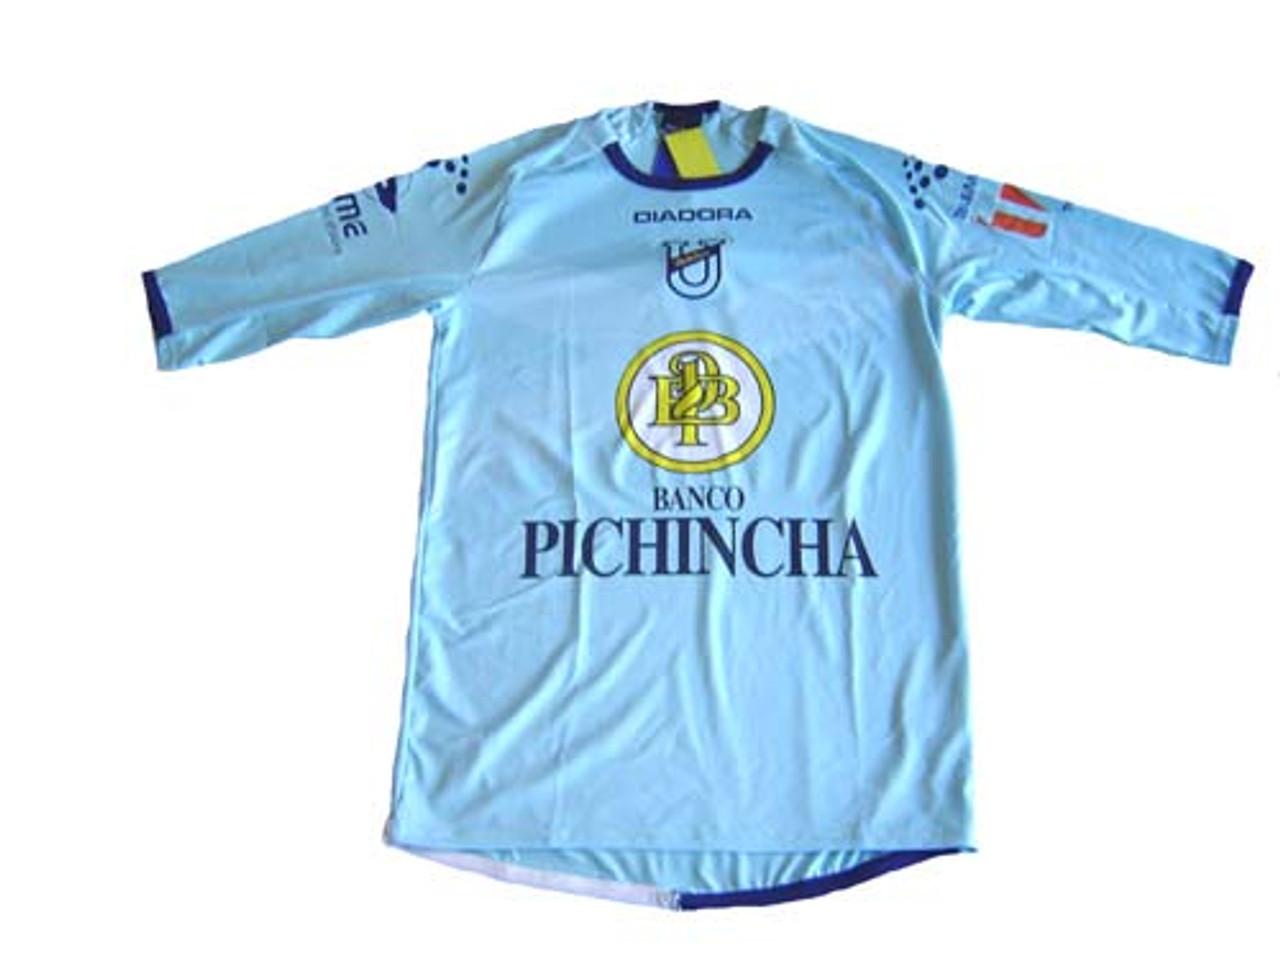 Diadora U Catolica 2009 Home Jersey Blue Soccer Plus